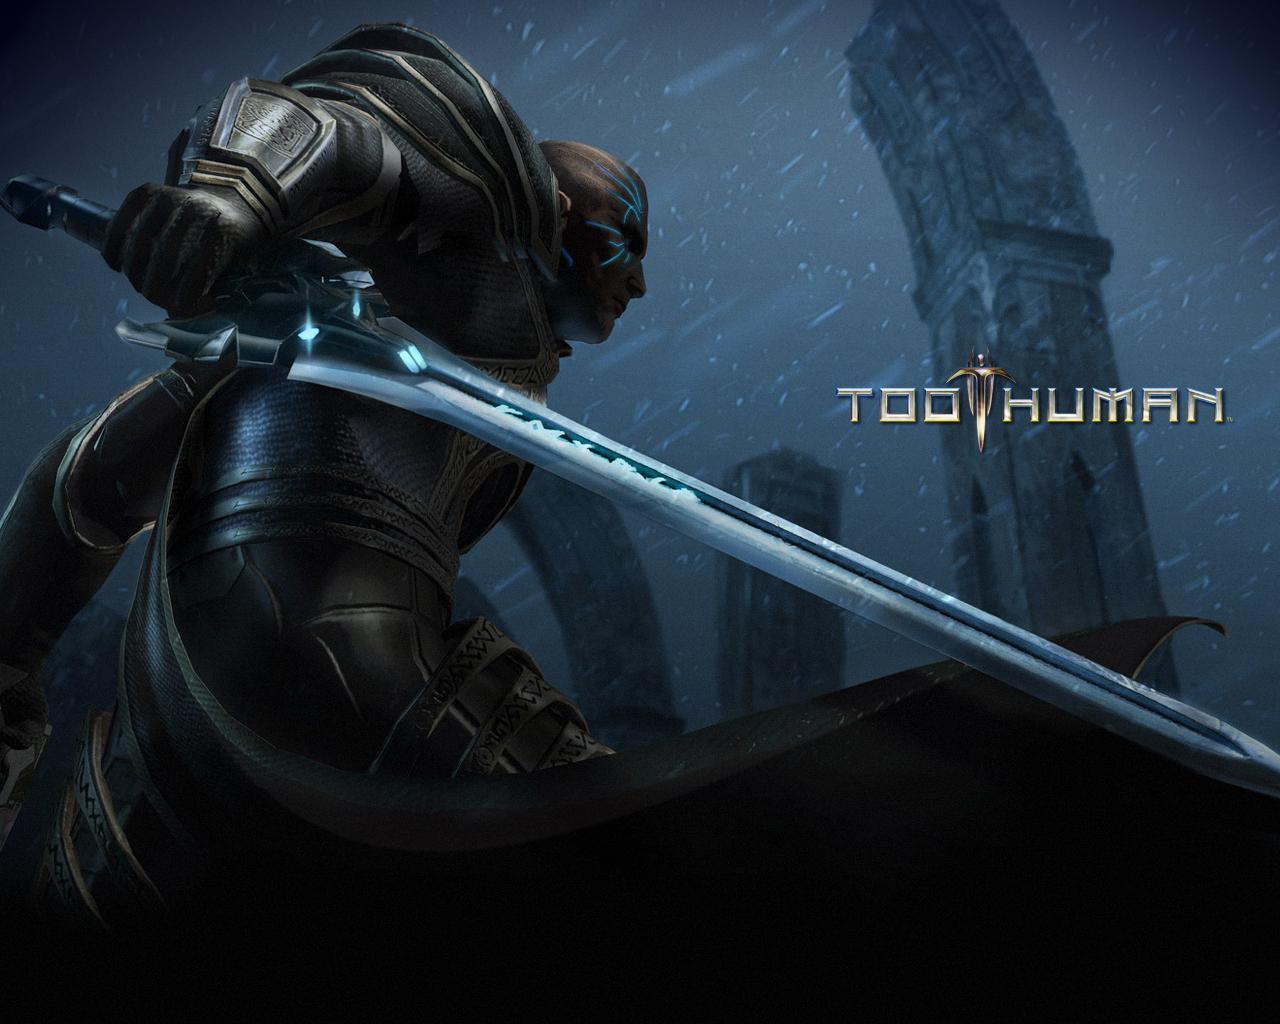 too_human_wall_4.jpg (1280×1024)